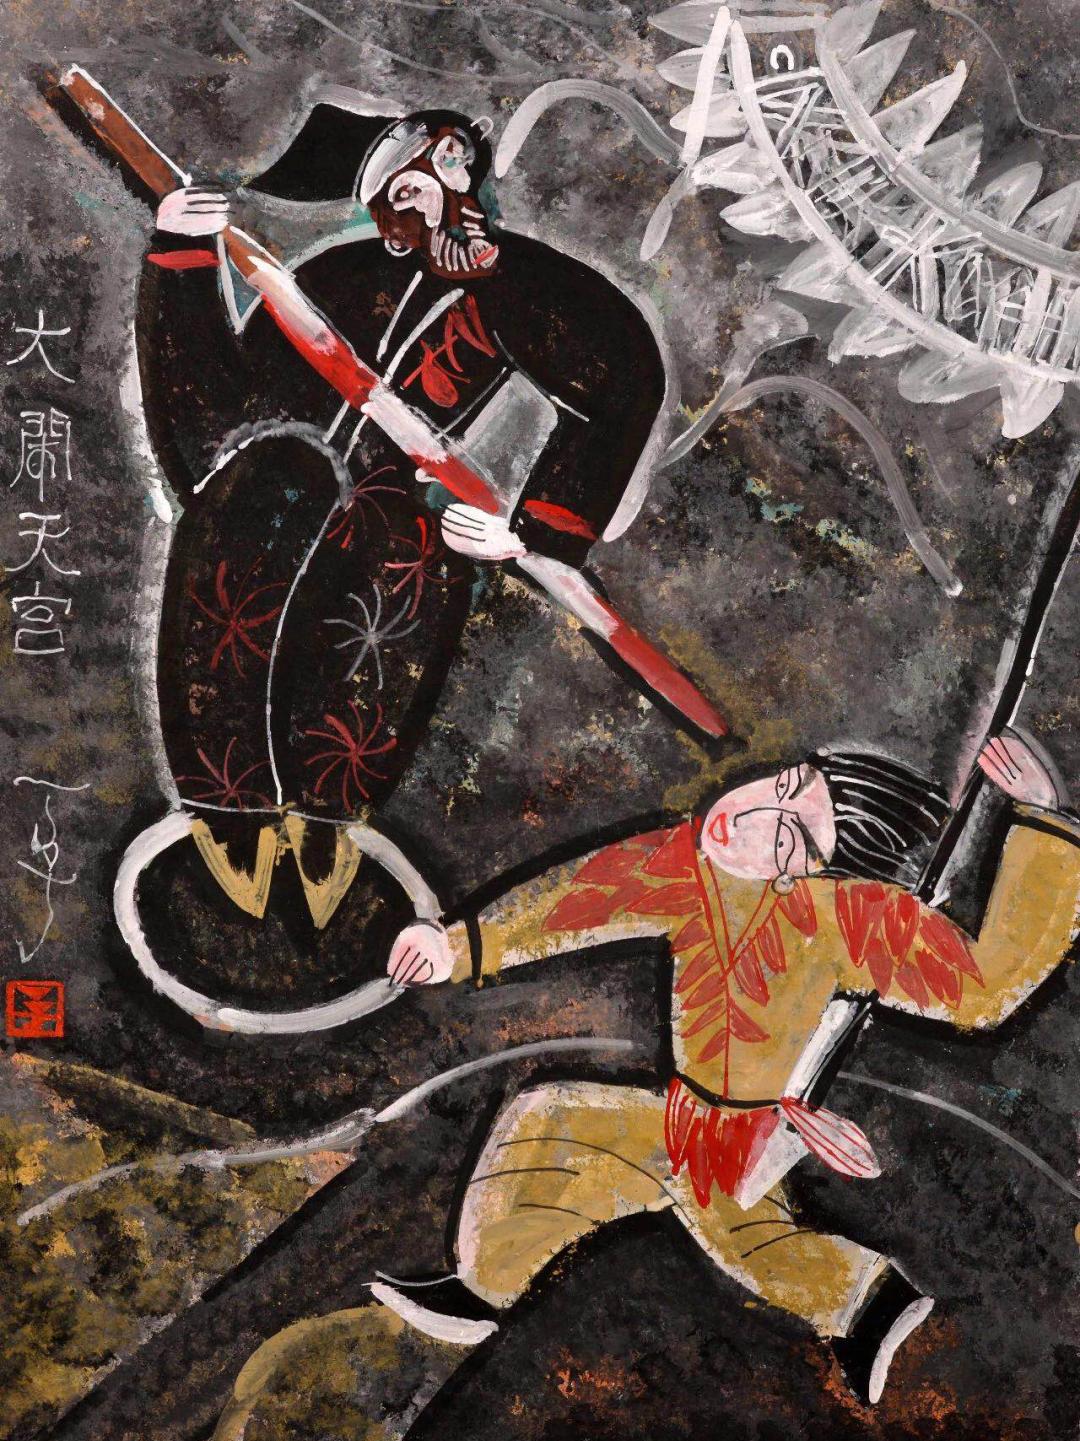 丁立人《大闹天空》,100x130cm,重彩,2016年